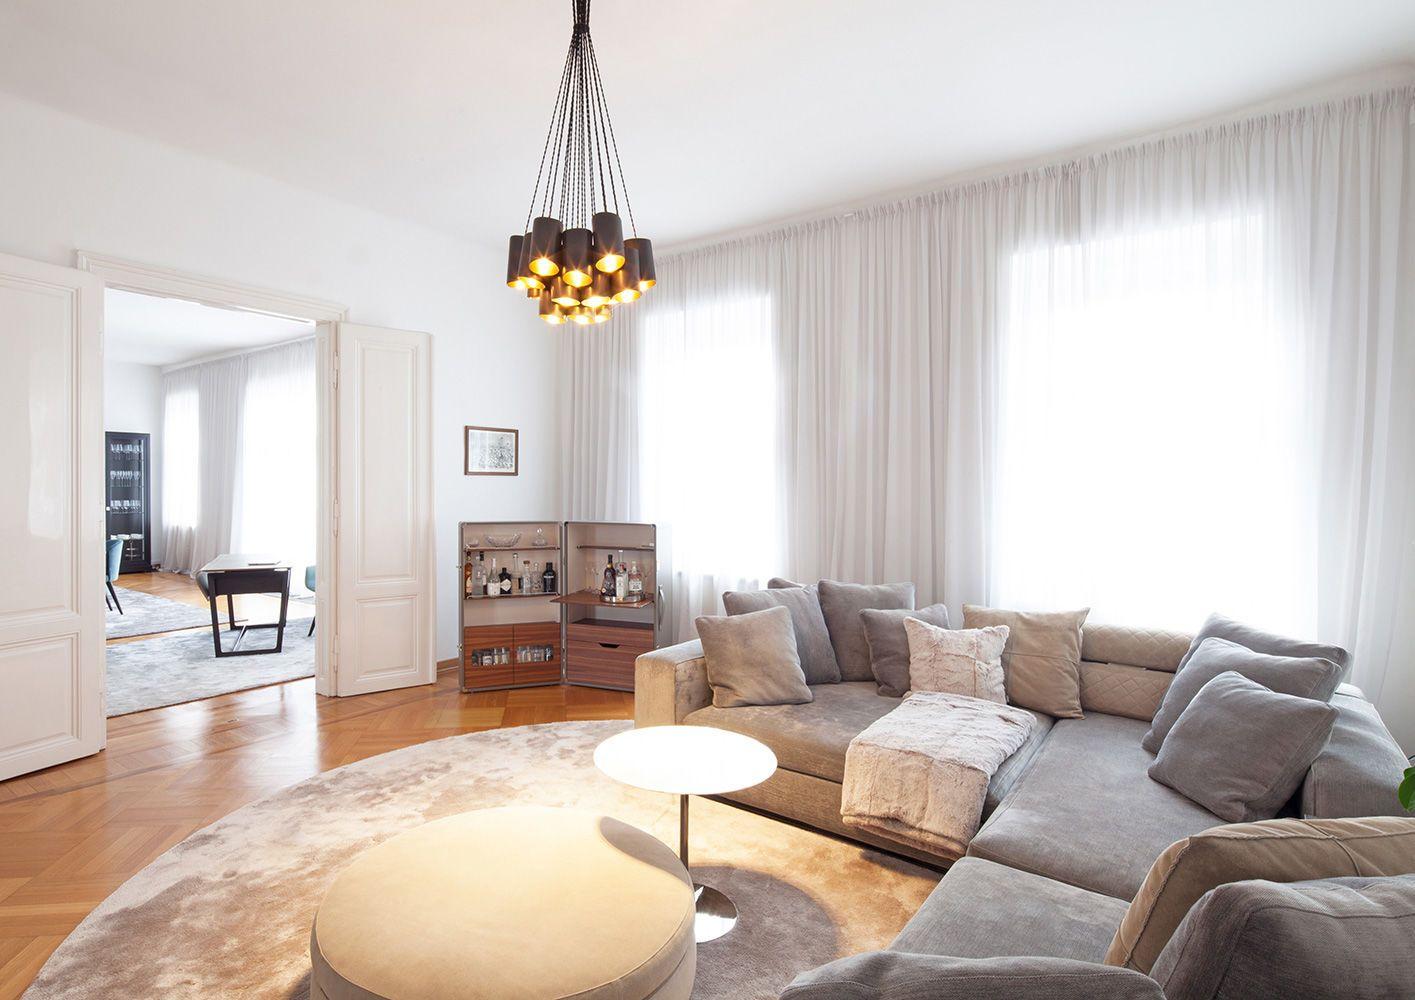 Arredamento Elegante ~ Interiors & contract en vienna residential project l